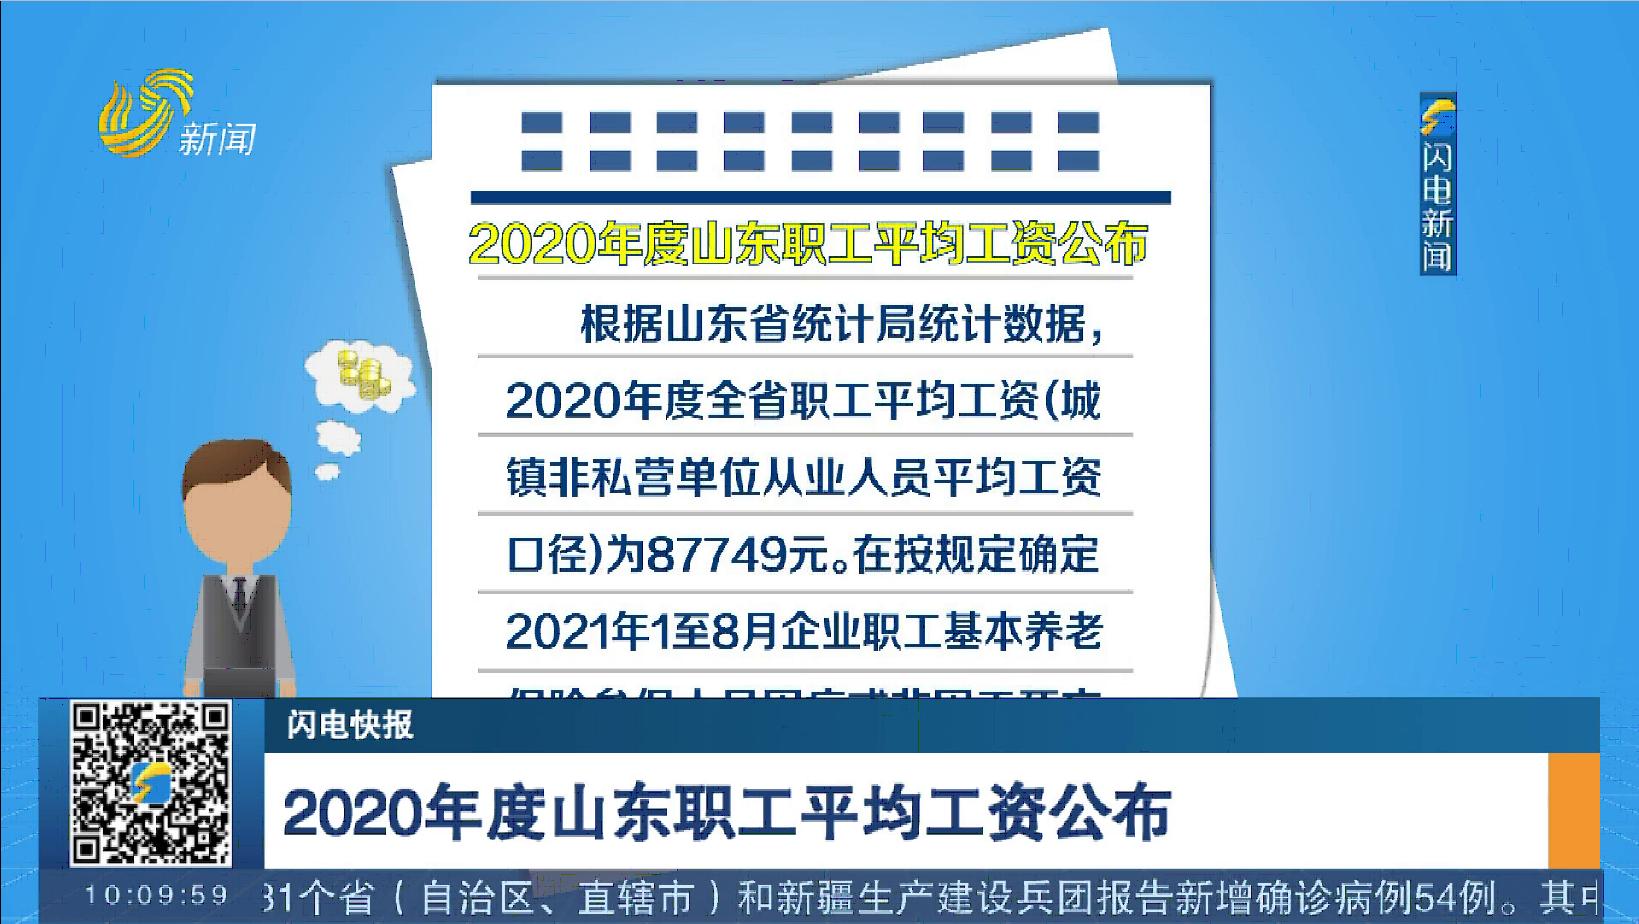 【闪电快报】2020年度山东职工平均工资公布